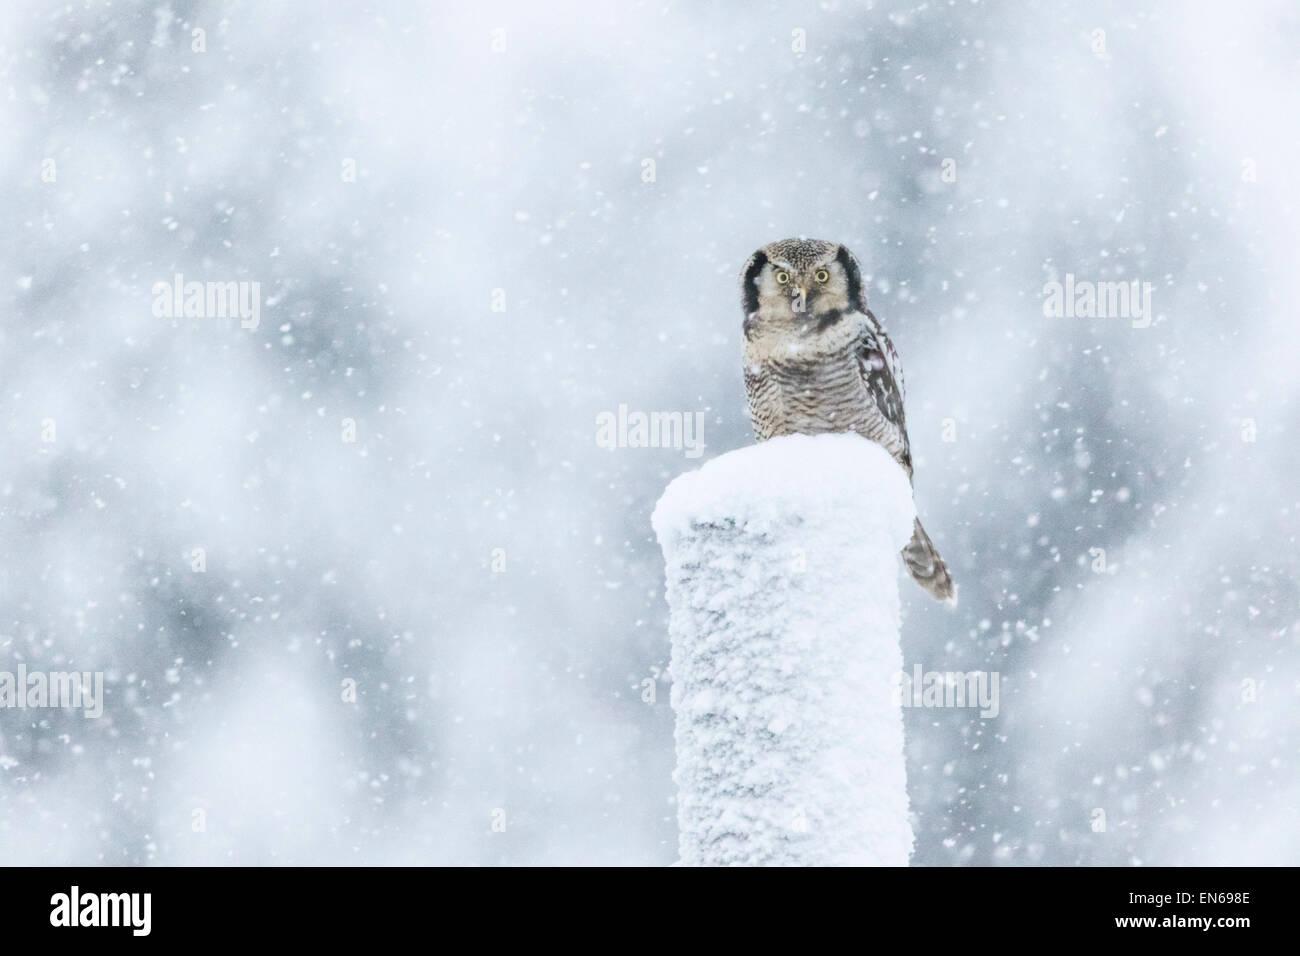 Nördlichen Sperbereule, Surnia Ulula, sitzt auf einem Telefonmast im Schneesturm, Blick in die Kamera, Gällivare, Stockfoto